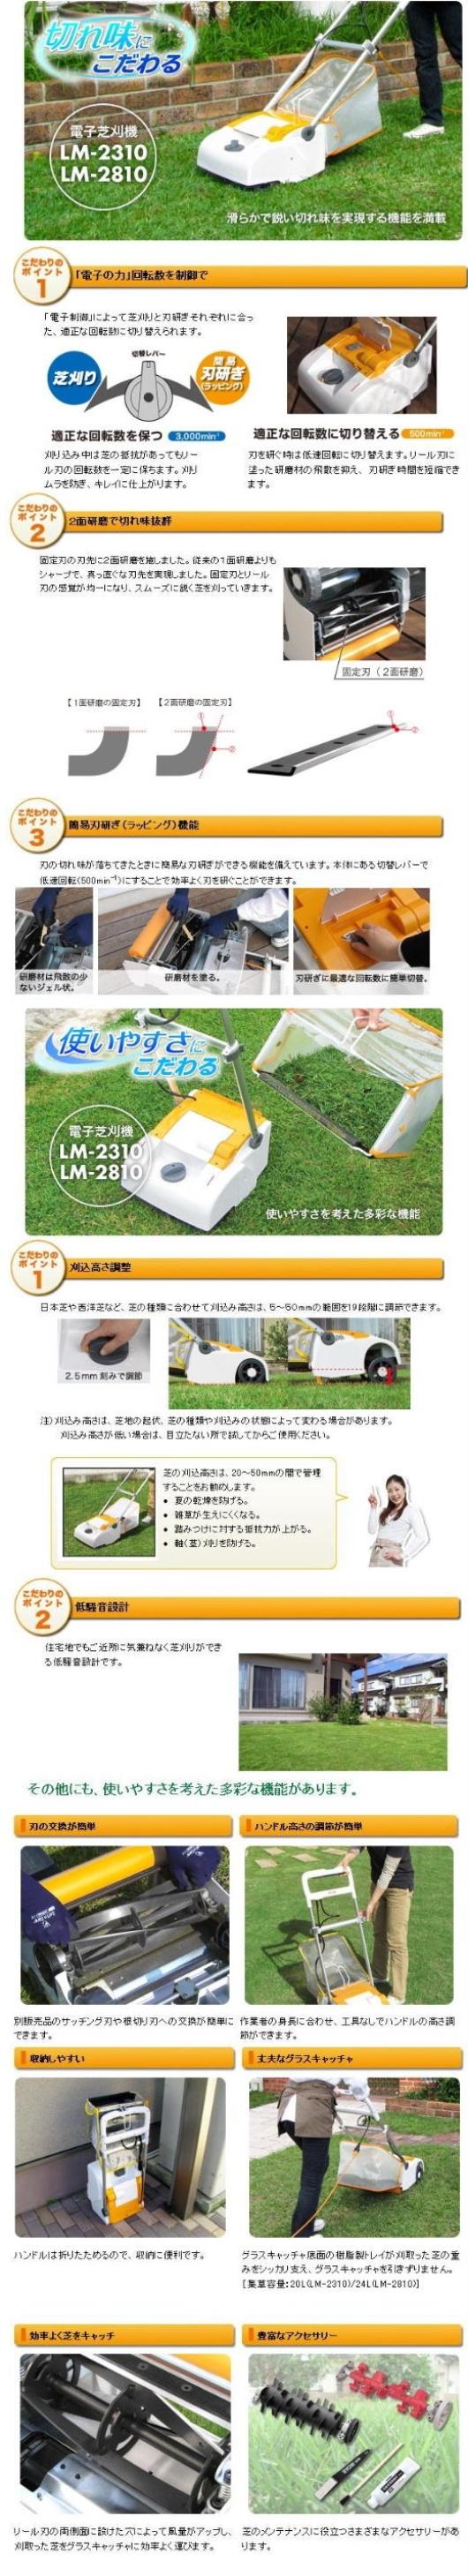 リョービ 電子芝刈機 LM-2810